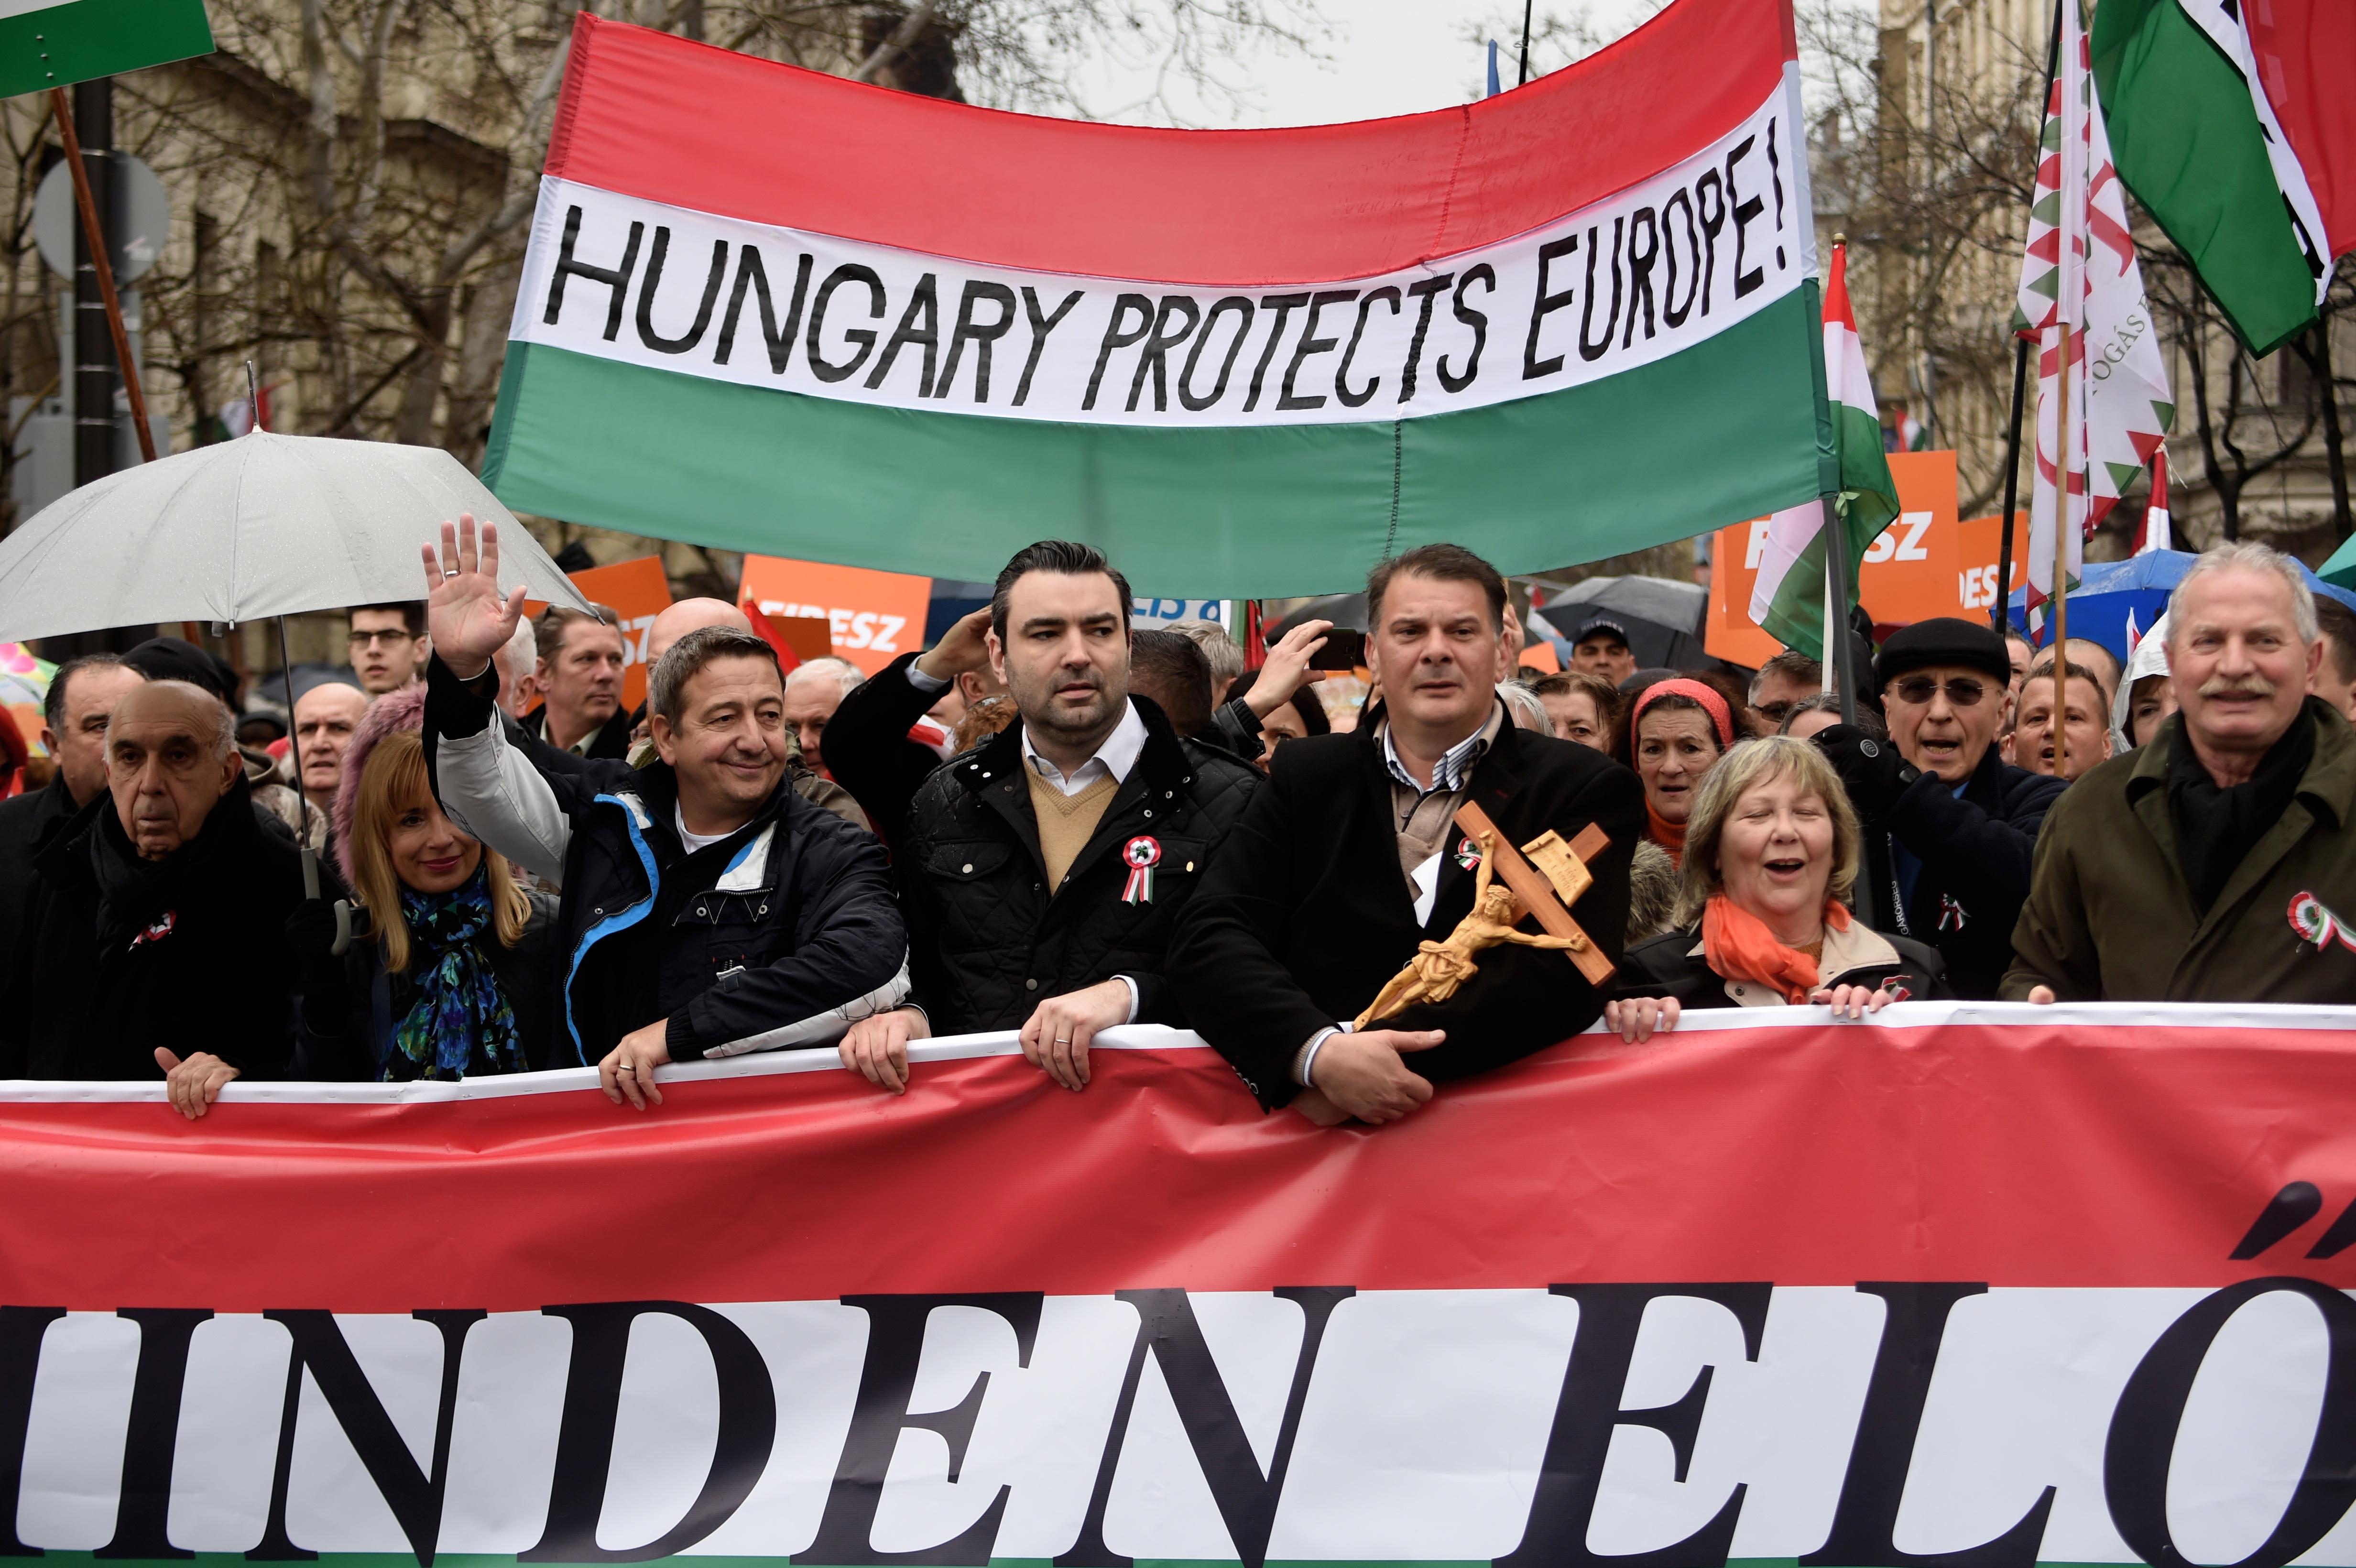 A kivándorlás miatti pánik is kellett ahhoz, hogy Kelet-Európa hadat üzenjen a demokráciának